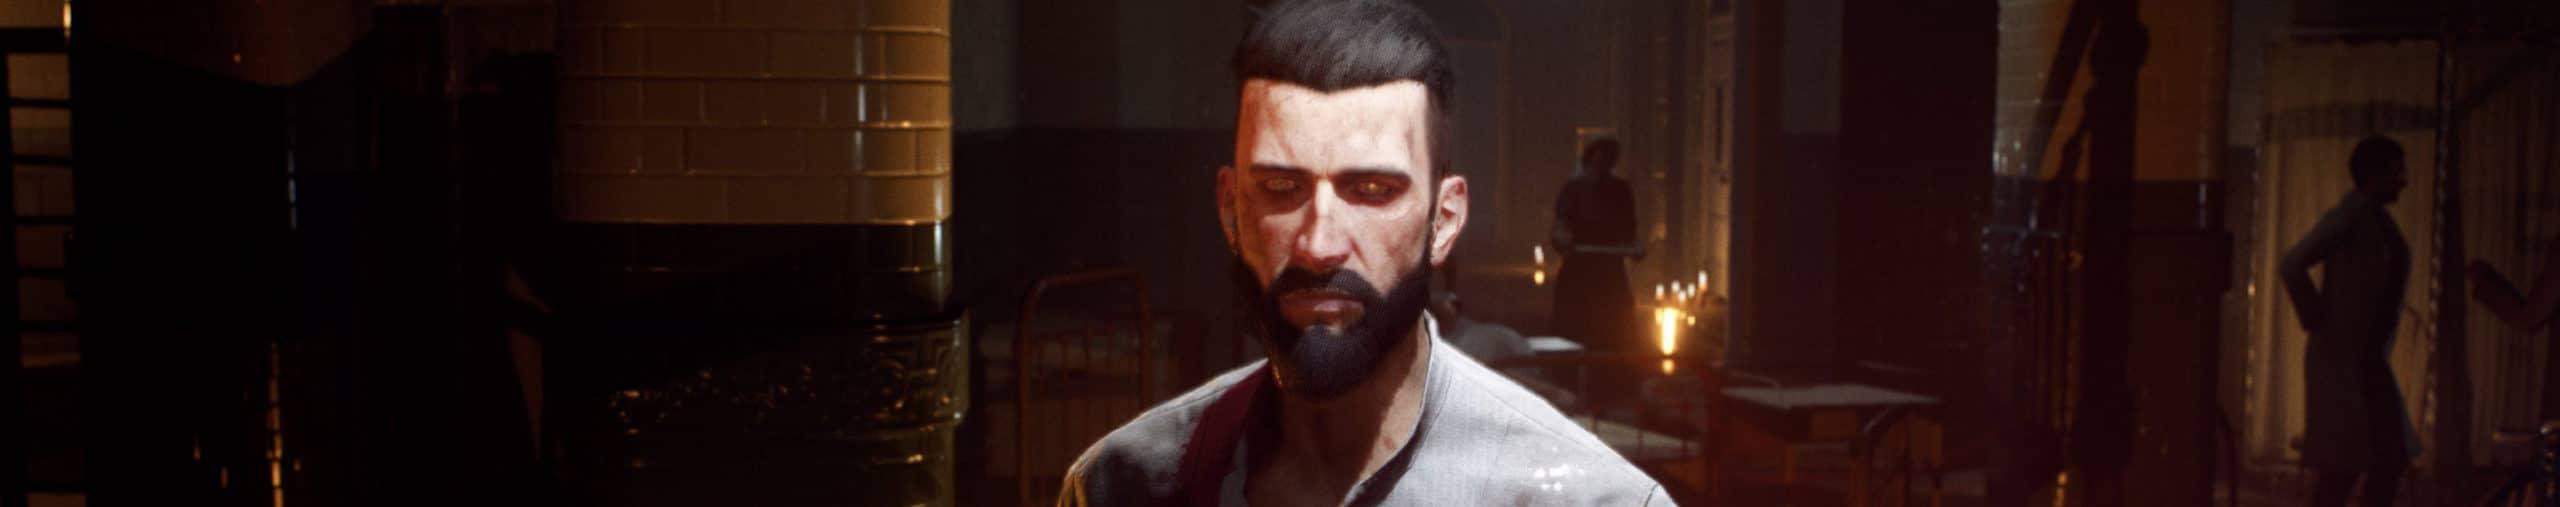 《吸血鬼》发行,维塔士参与其PS4和XBOX ONE版本的共同开发